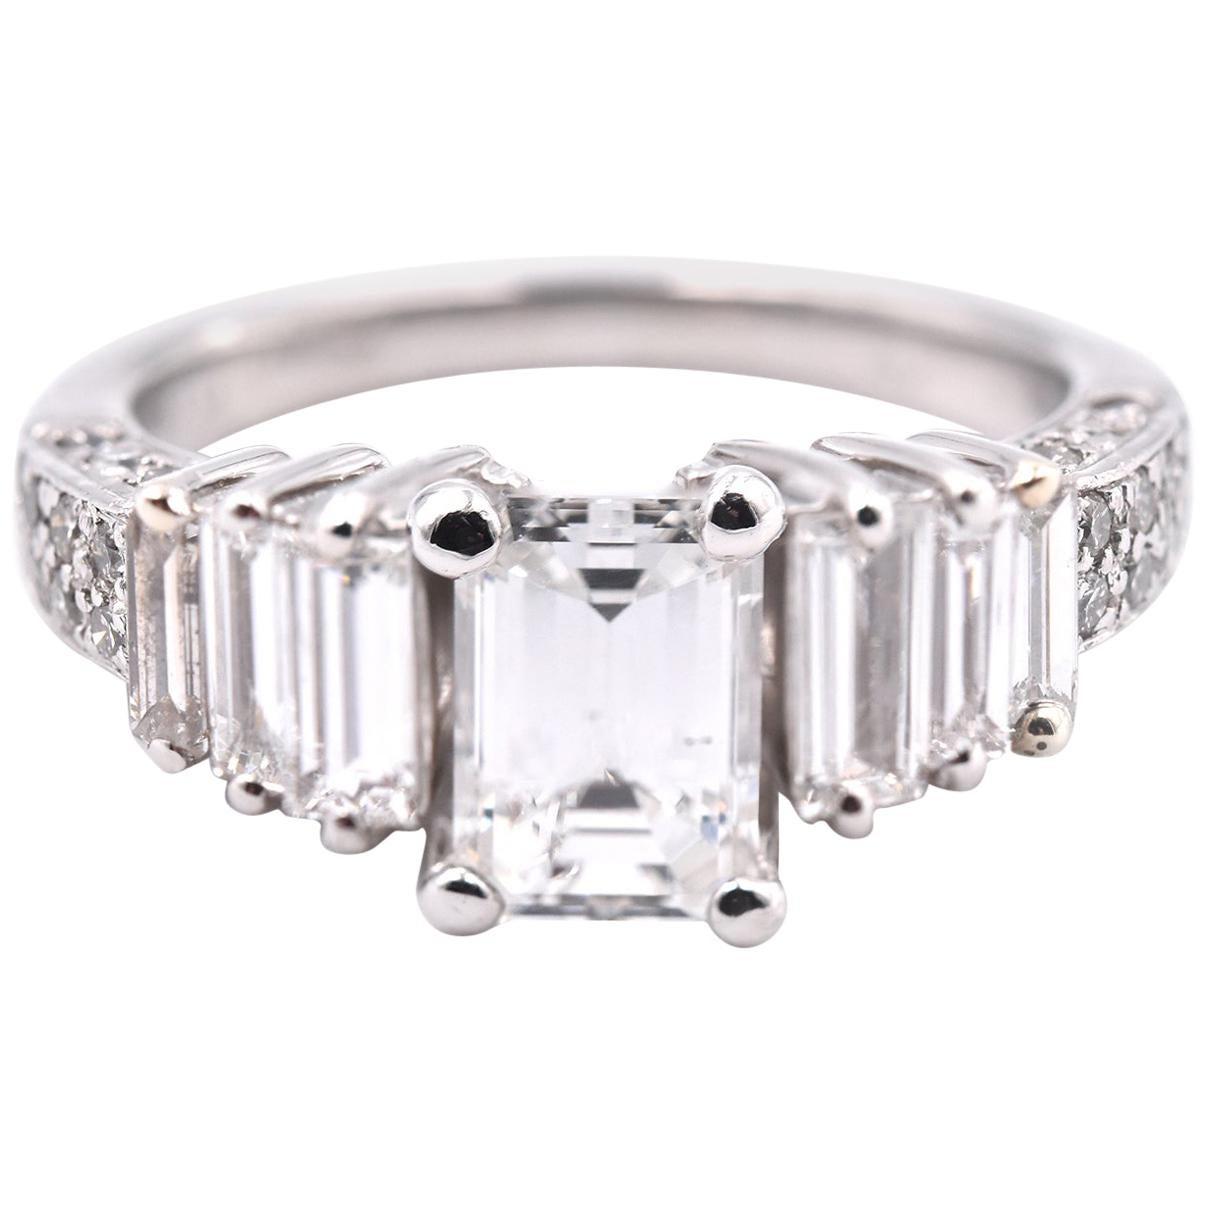 Platinum 1.13 Carat Diamond Engagement Ring